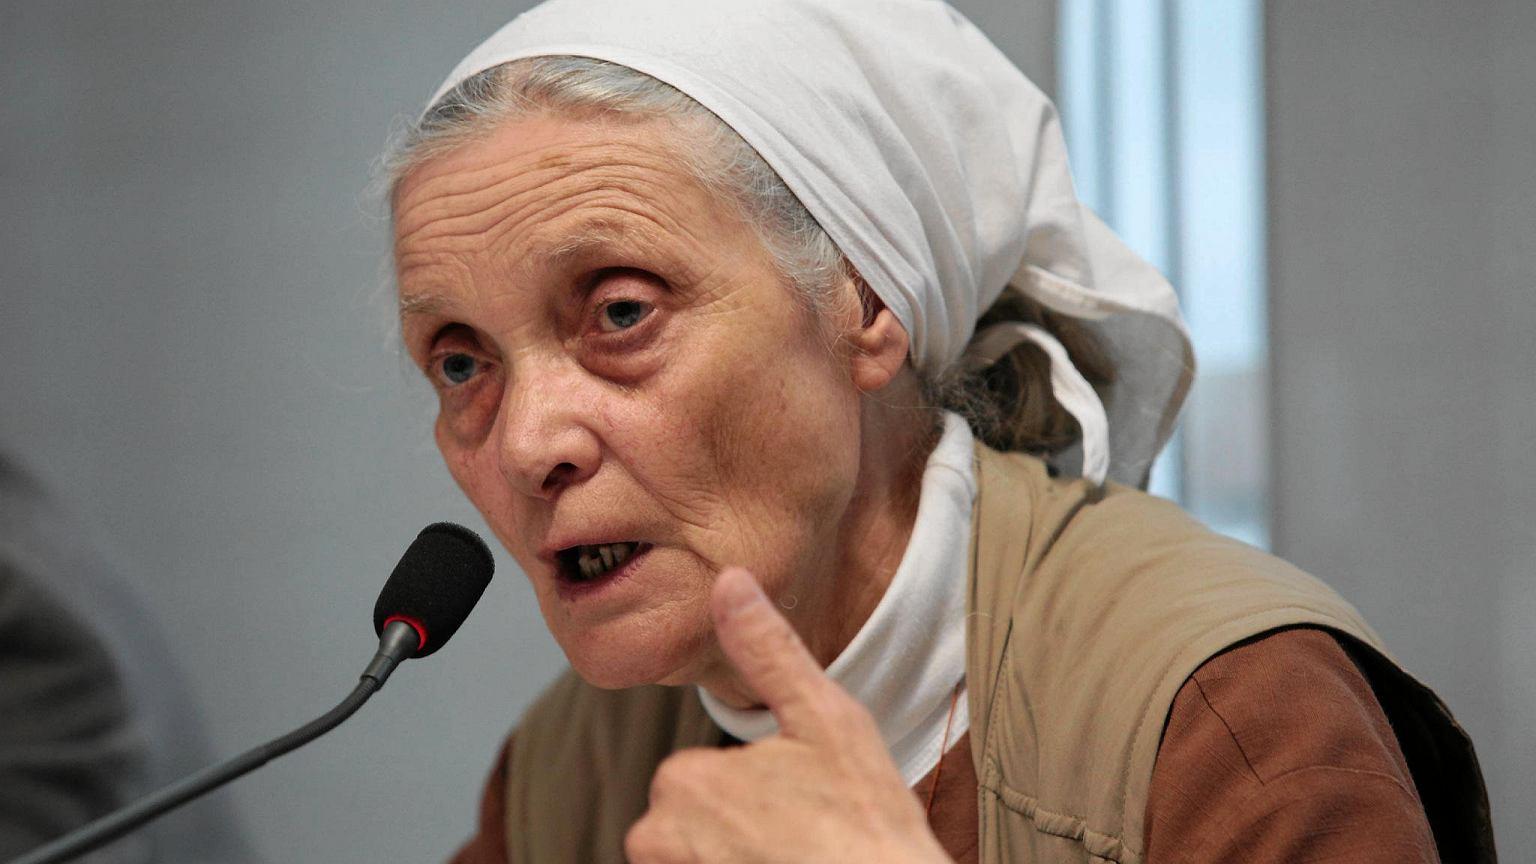 Siostra Chmielewska do Owsiaka: Weź głęboki oddech i nie rezygnuj. To nie jest wina Orkiestry